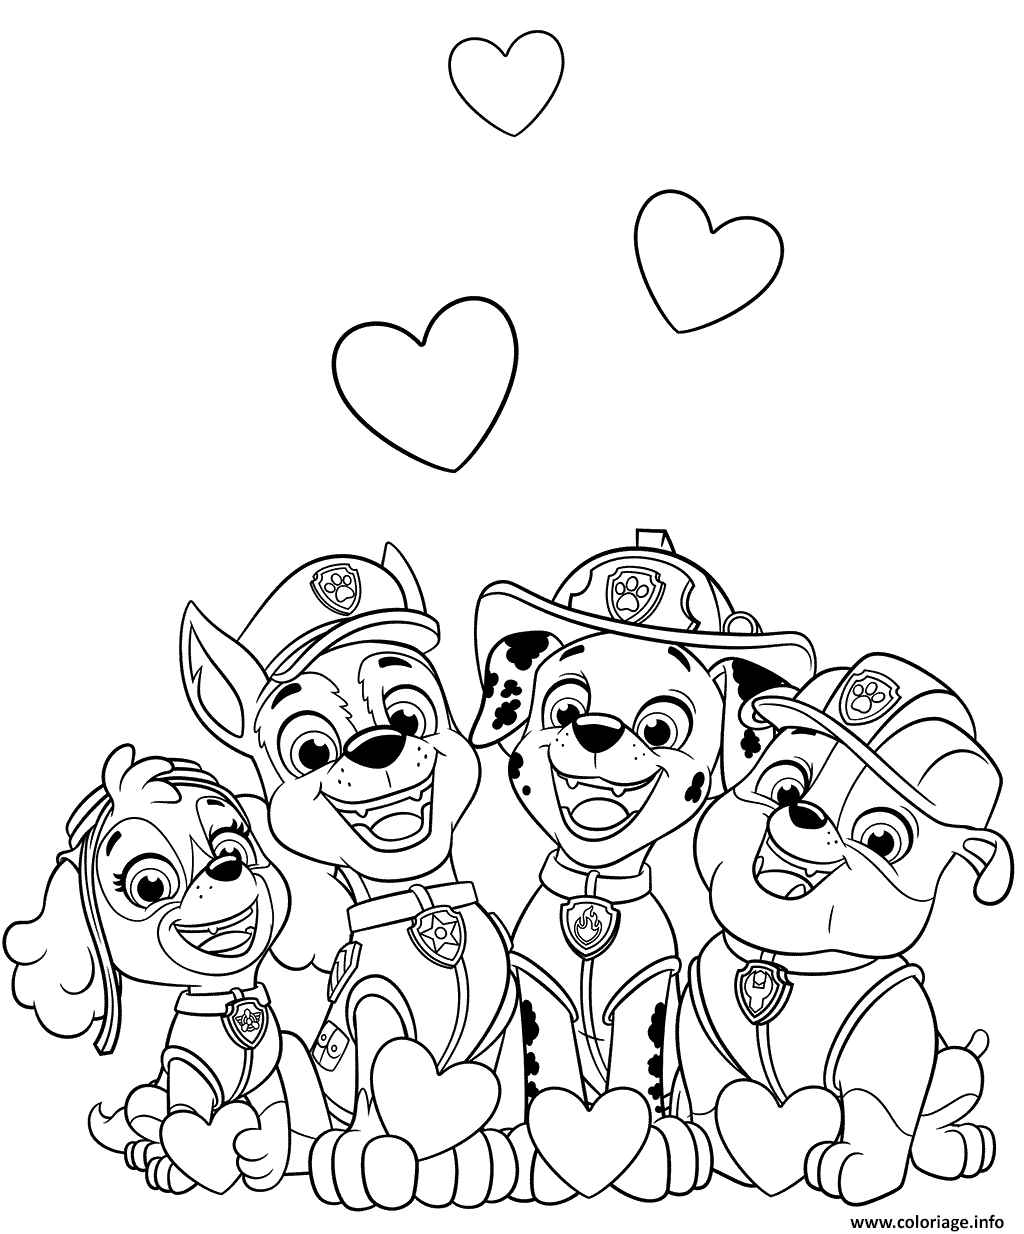 coloriage pat patrouille saint valentin avec des coeurs